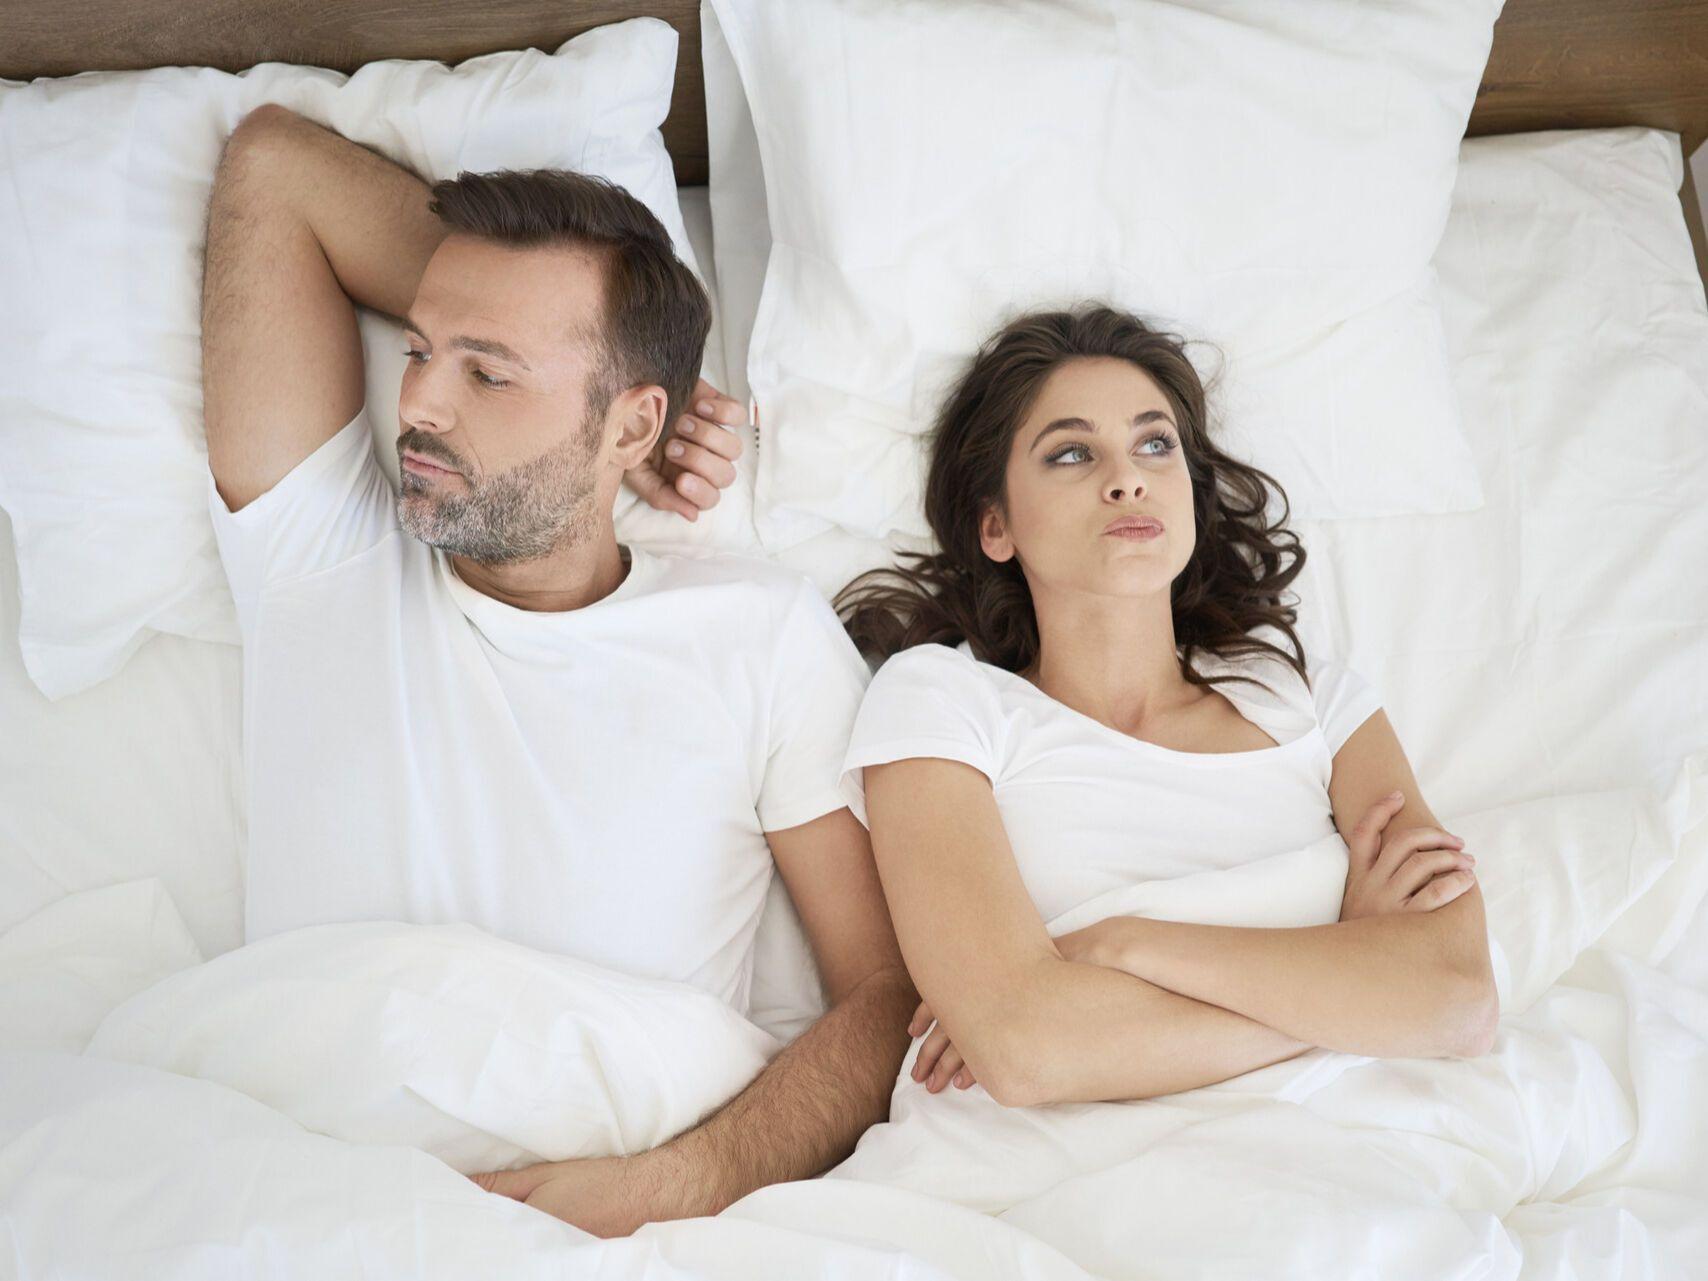 Причина отсутствия оргазма может быть как психологической, так и физической